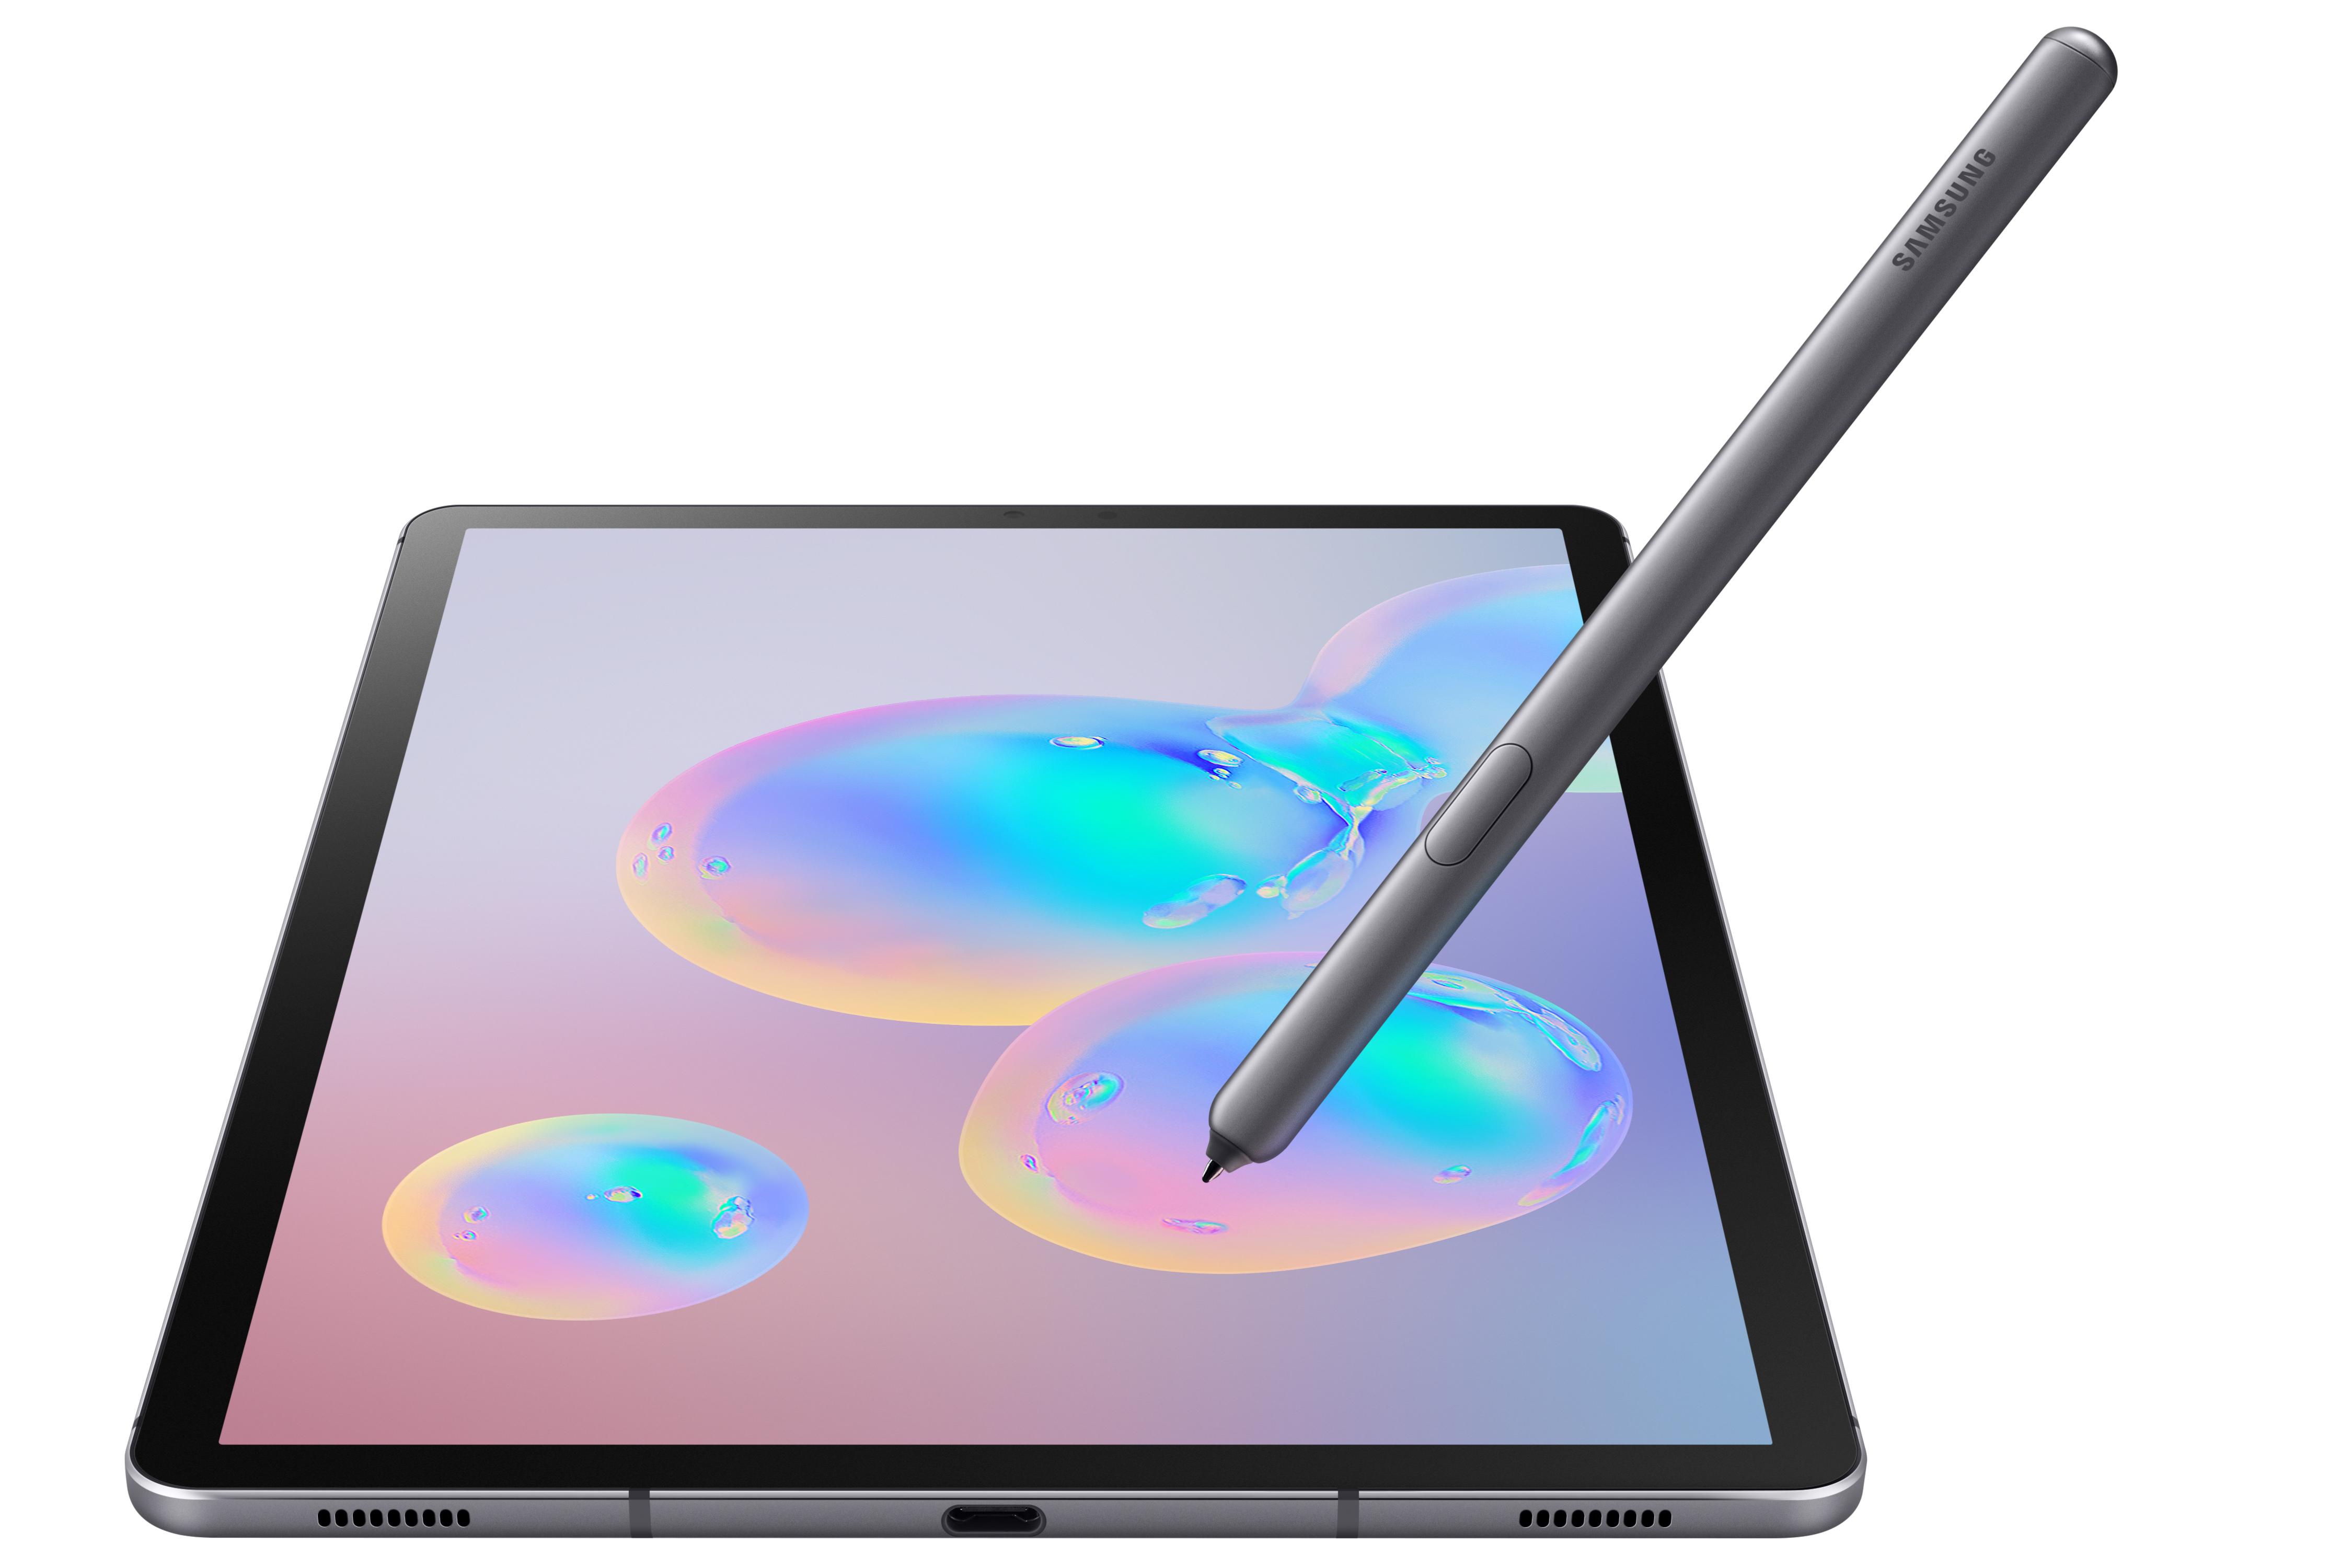 Giới thiệu Samsung Galaxy Tab S6: Máy tính bảng mới nâng cao khả năng sáng tạo và hiệu quả làm việc của người dùng – Samsung Newsroom Việt Nam